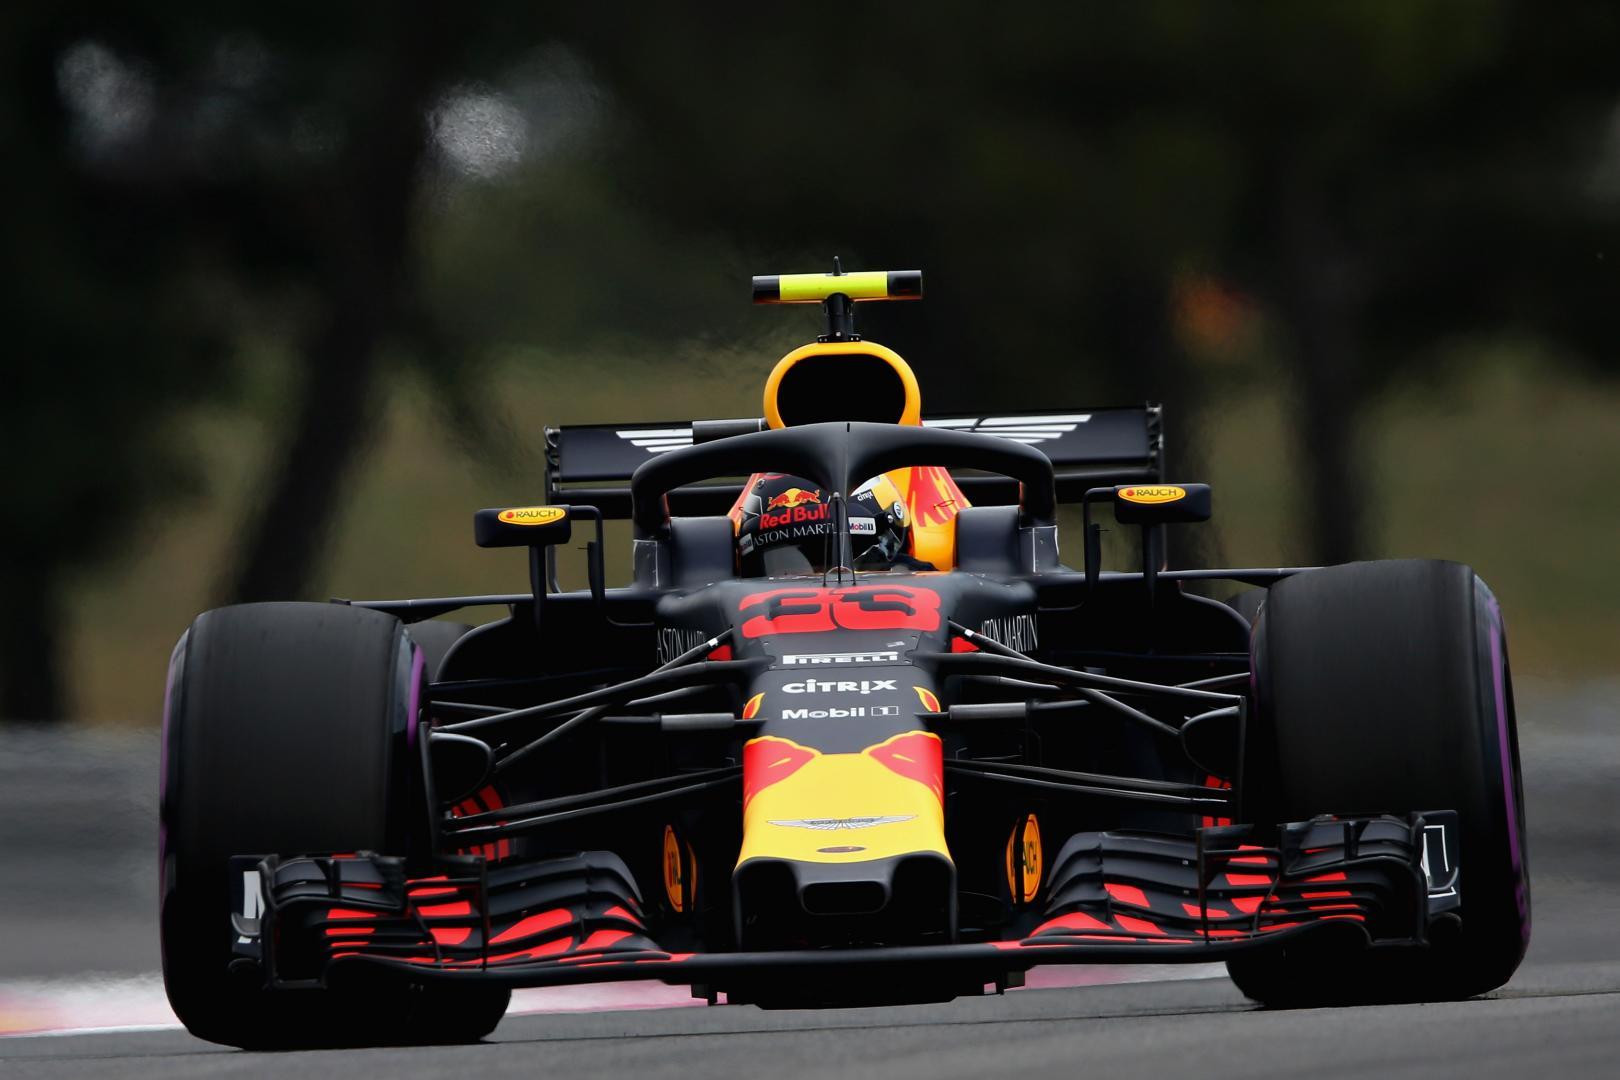 Uitslag van de GP van Frankrijk 2018